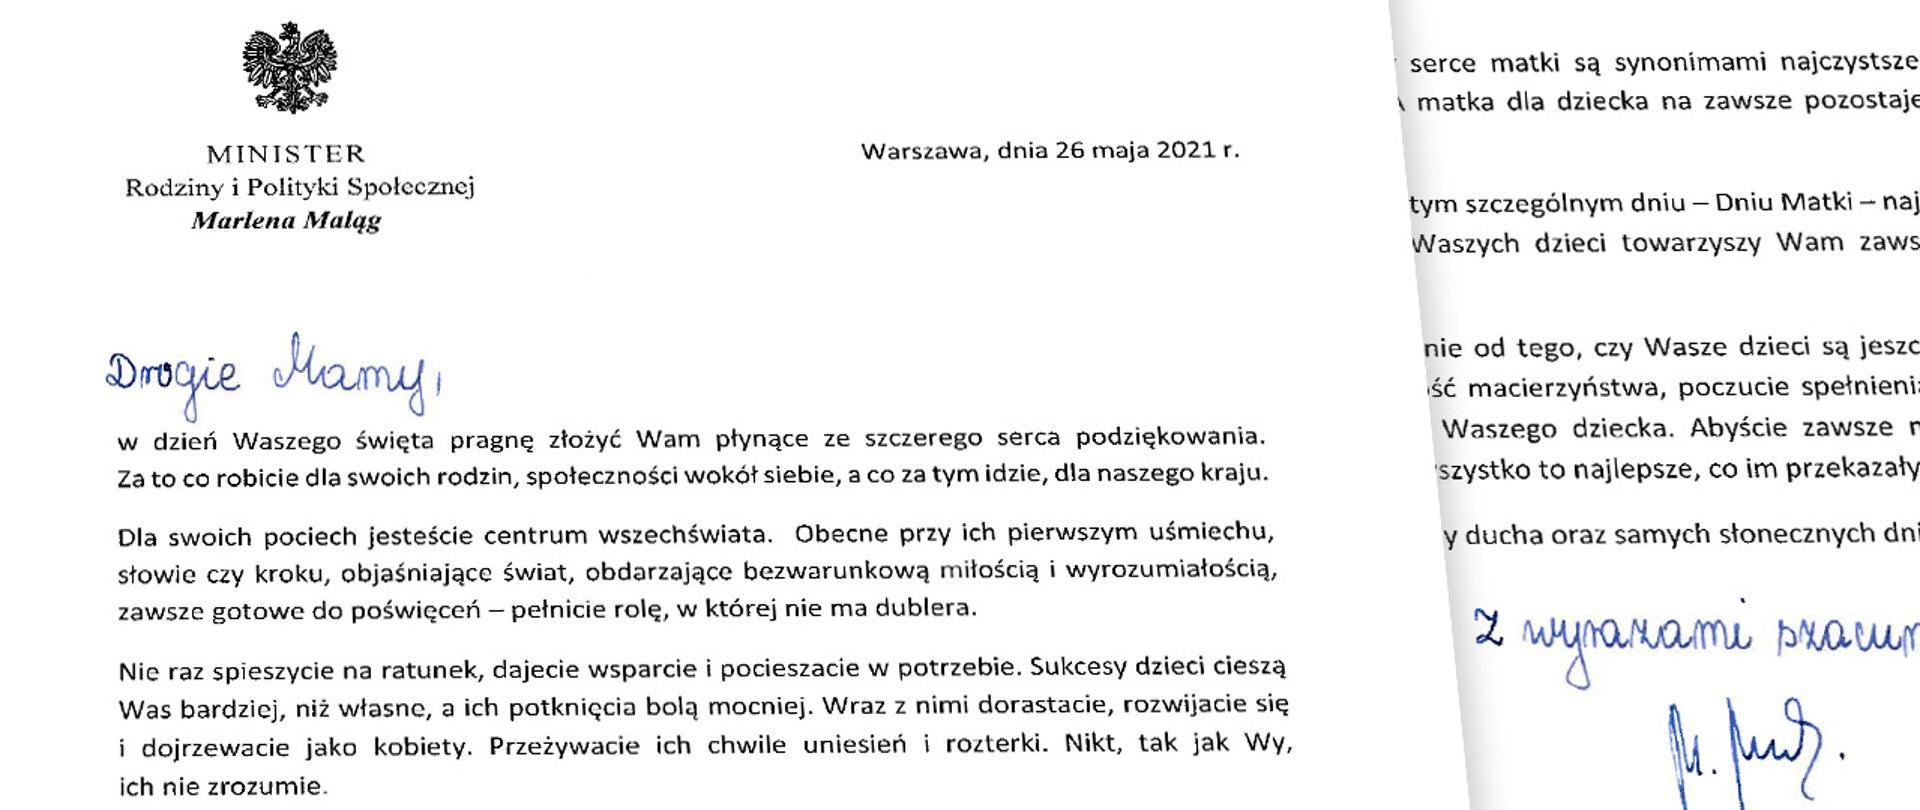 życzenia minister Marleny Maląg z okazji Dnia Matki